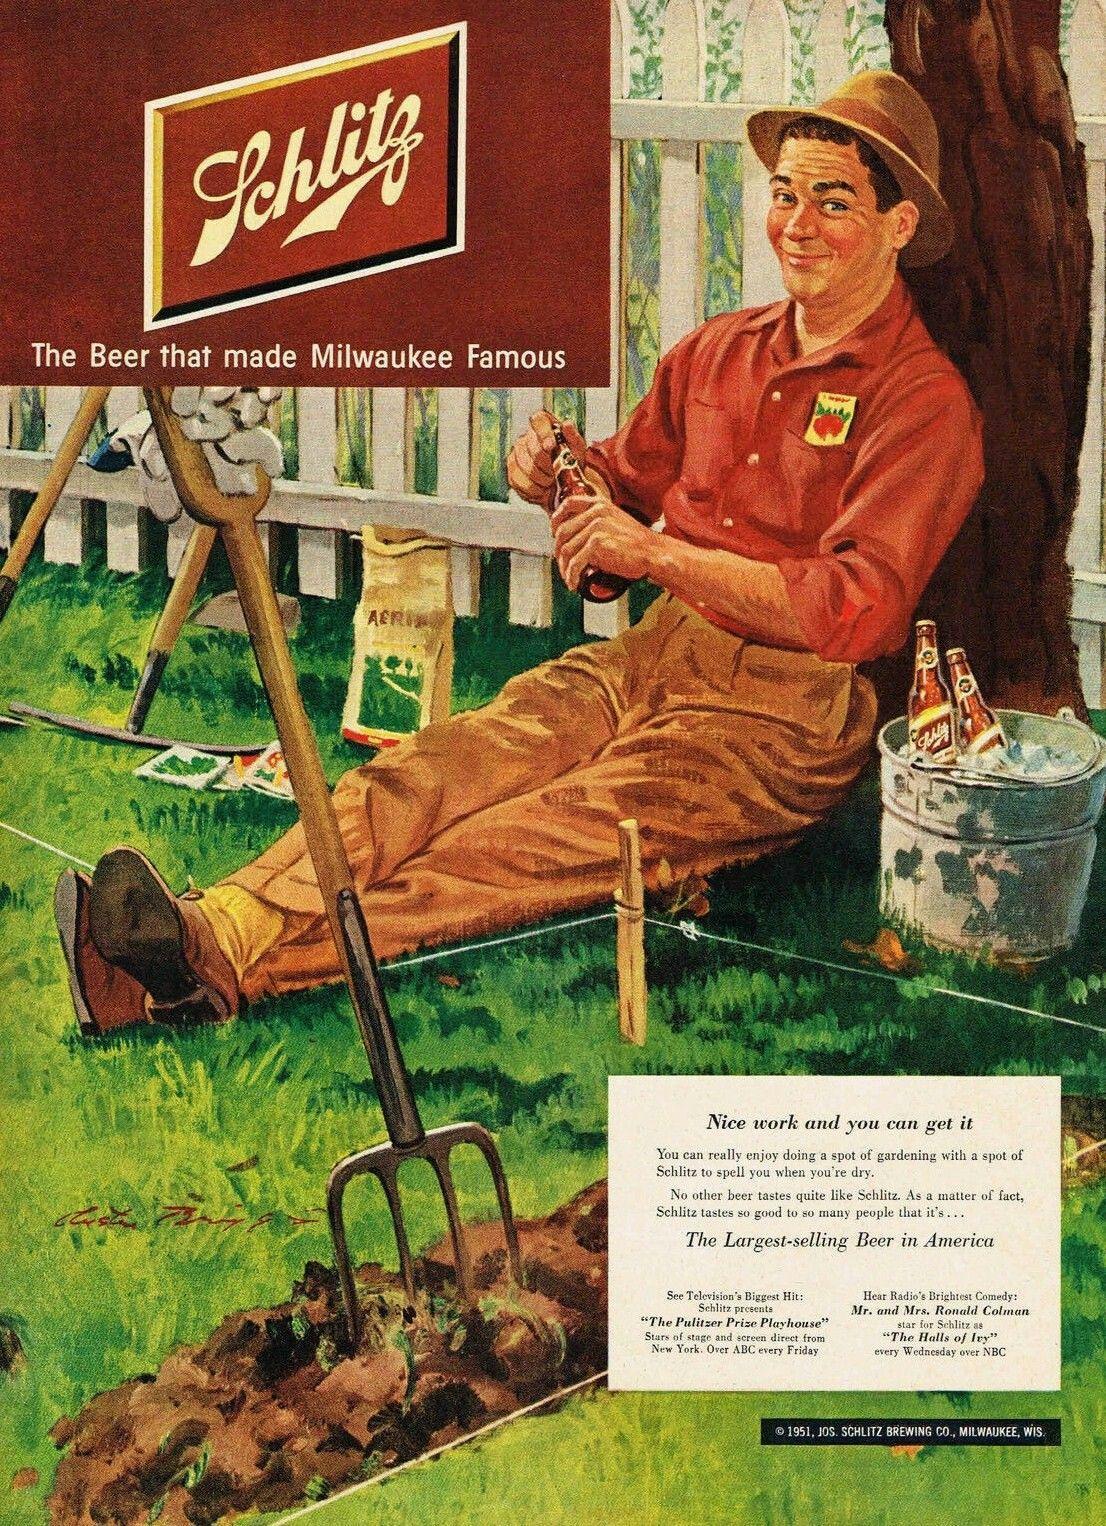 Schlitz 1951 Beer advertising, Vintage beer, Schlitz beer